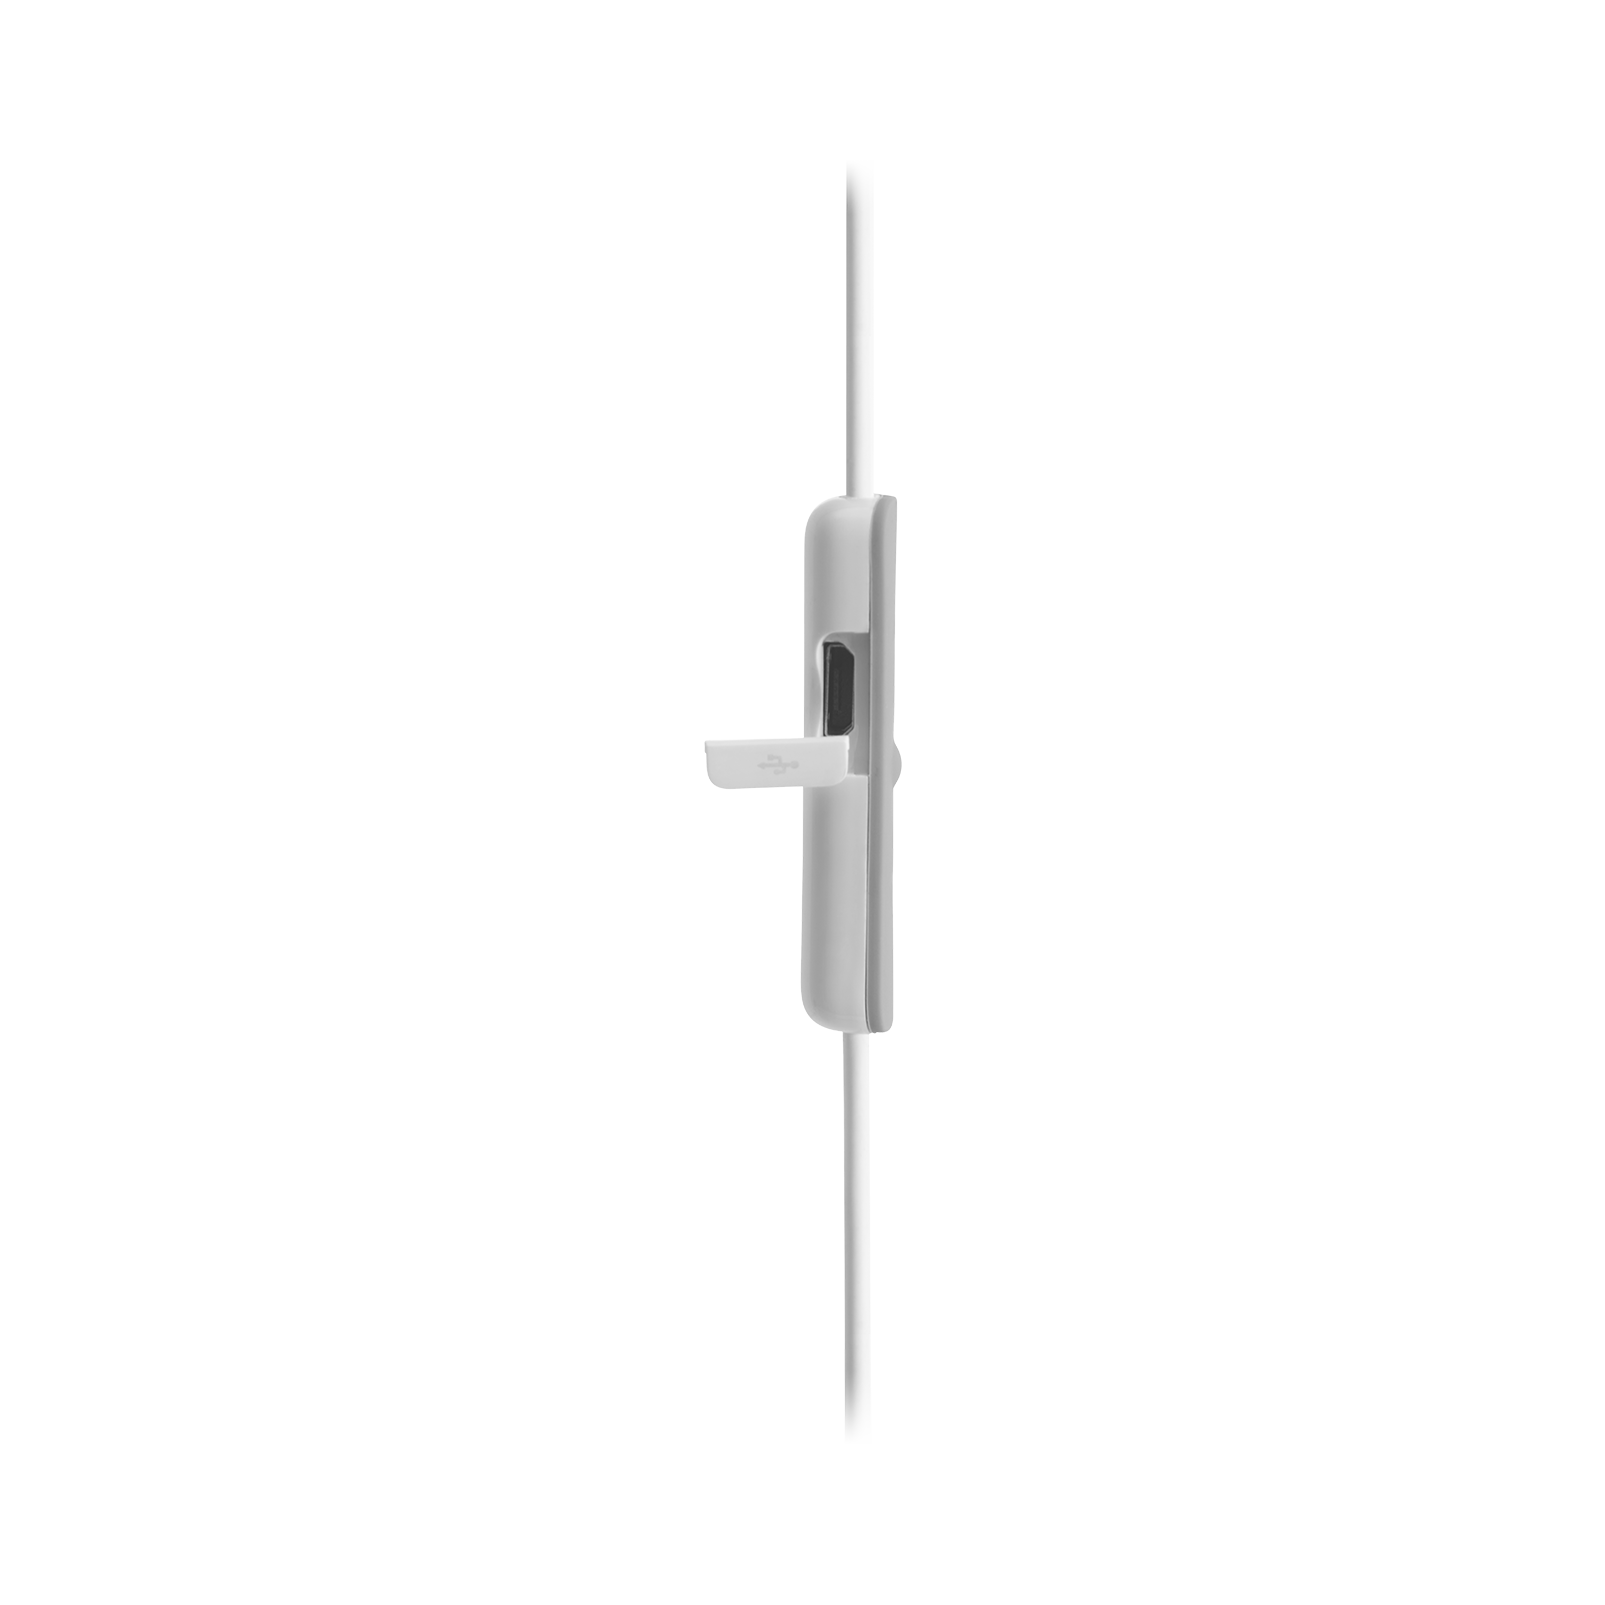 EVEREST 110GA - Silver - Wireless in-ear headphones - Detailshot 1